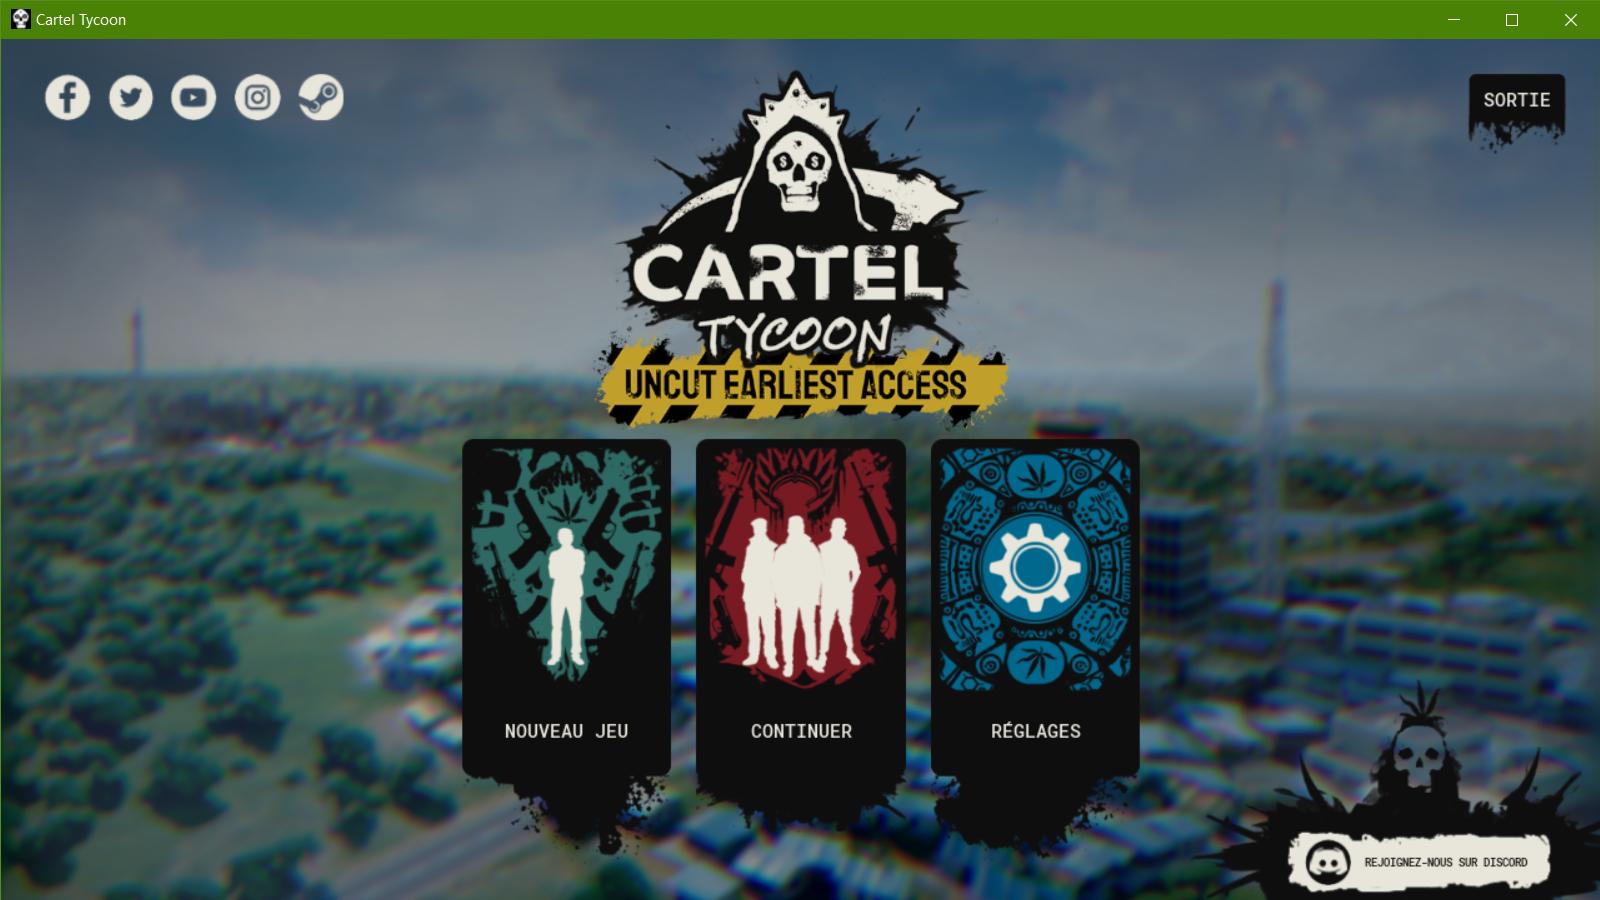 Cartel Tycoon 16_03_2021 10_03_10